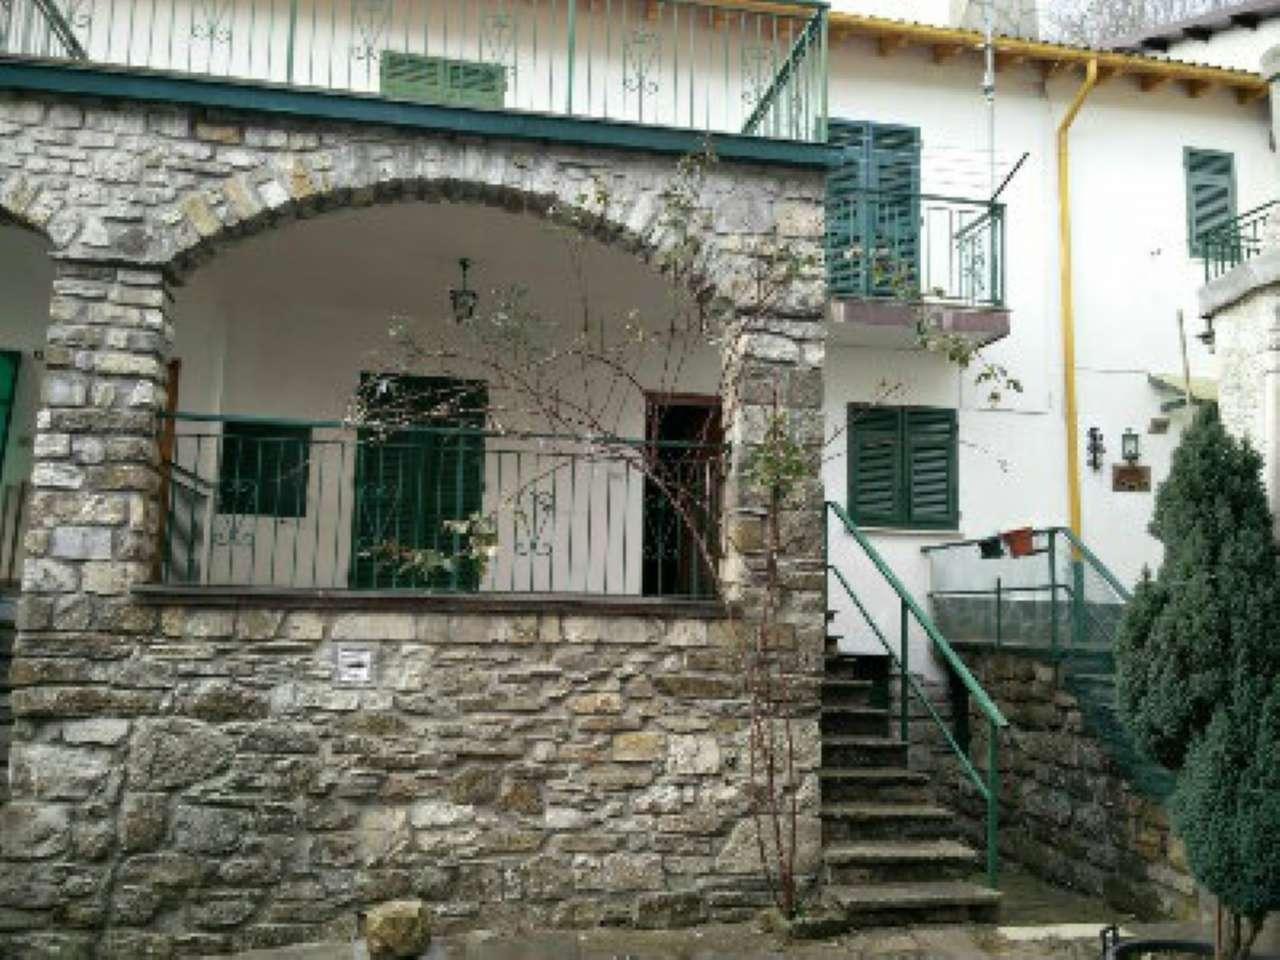 Soluzione Semindipendente in vendita a Rezzoaglio, 6 locali, prezzo € 57.500 | CambioCasa.it